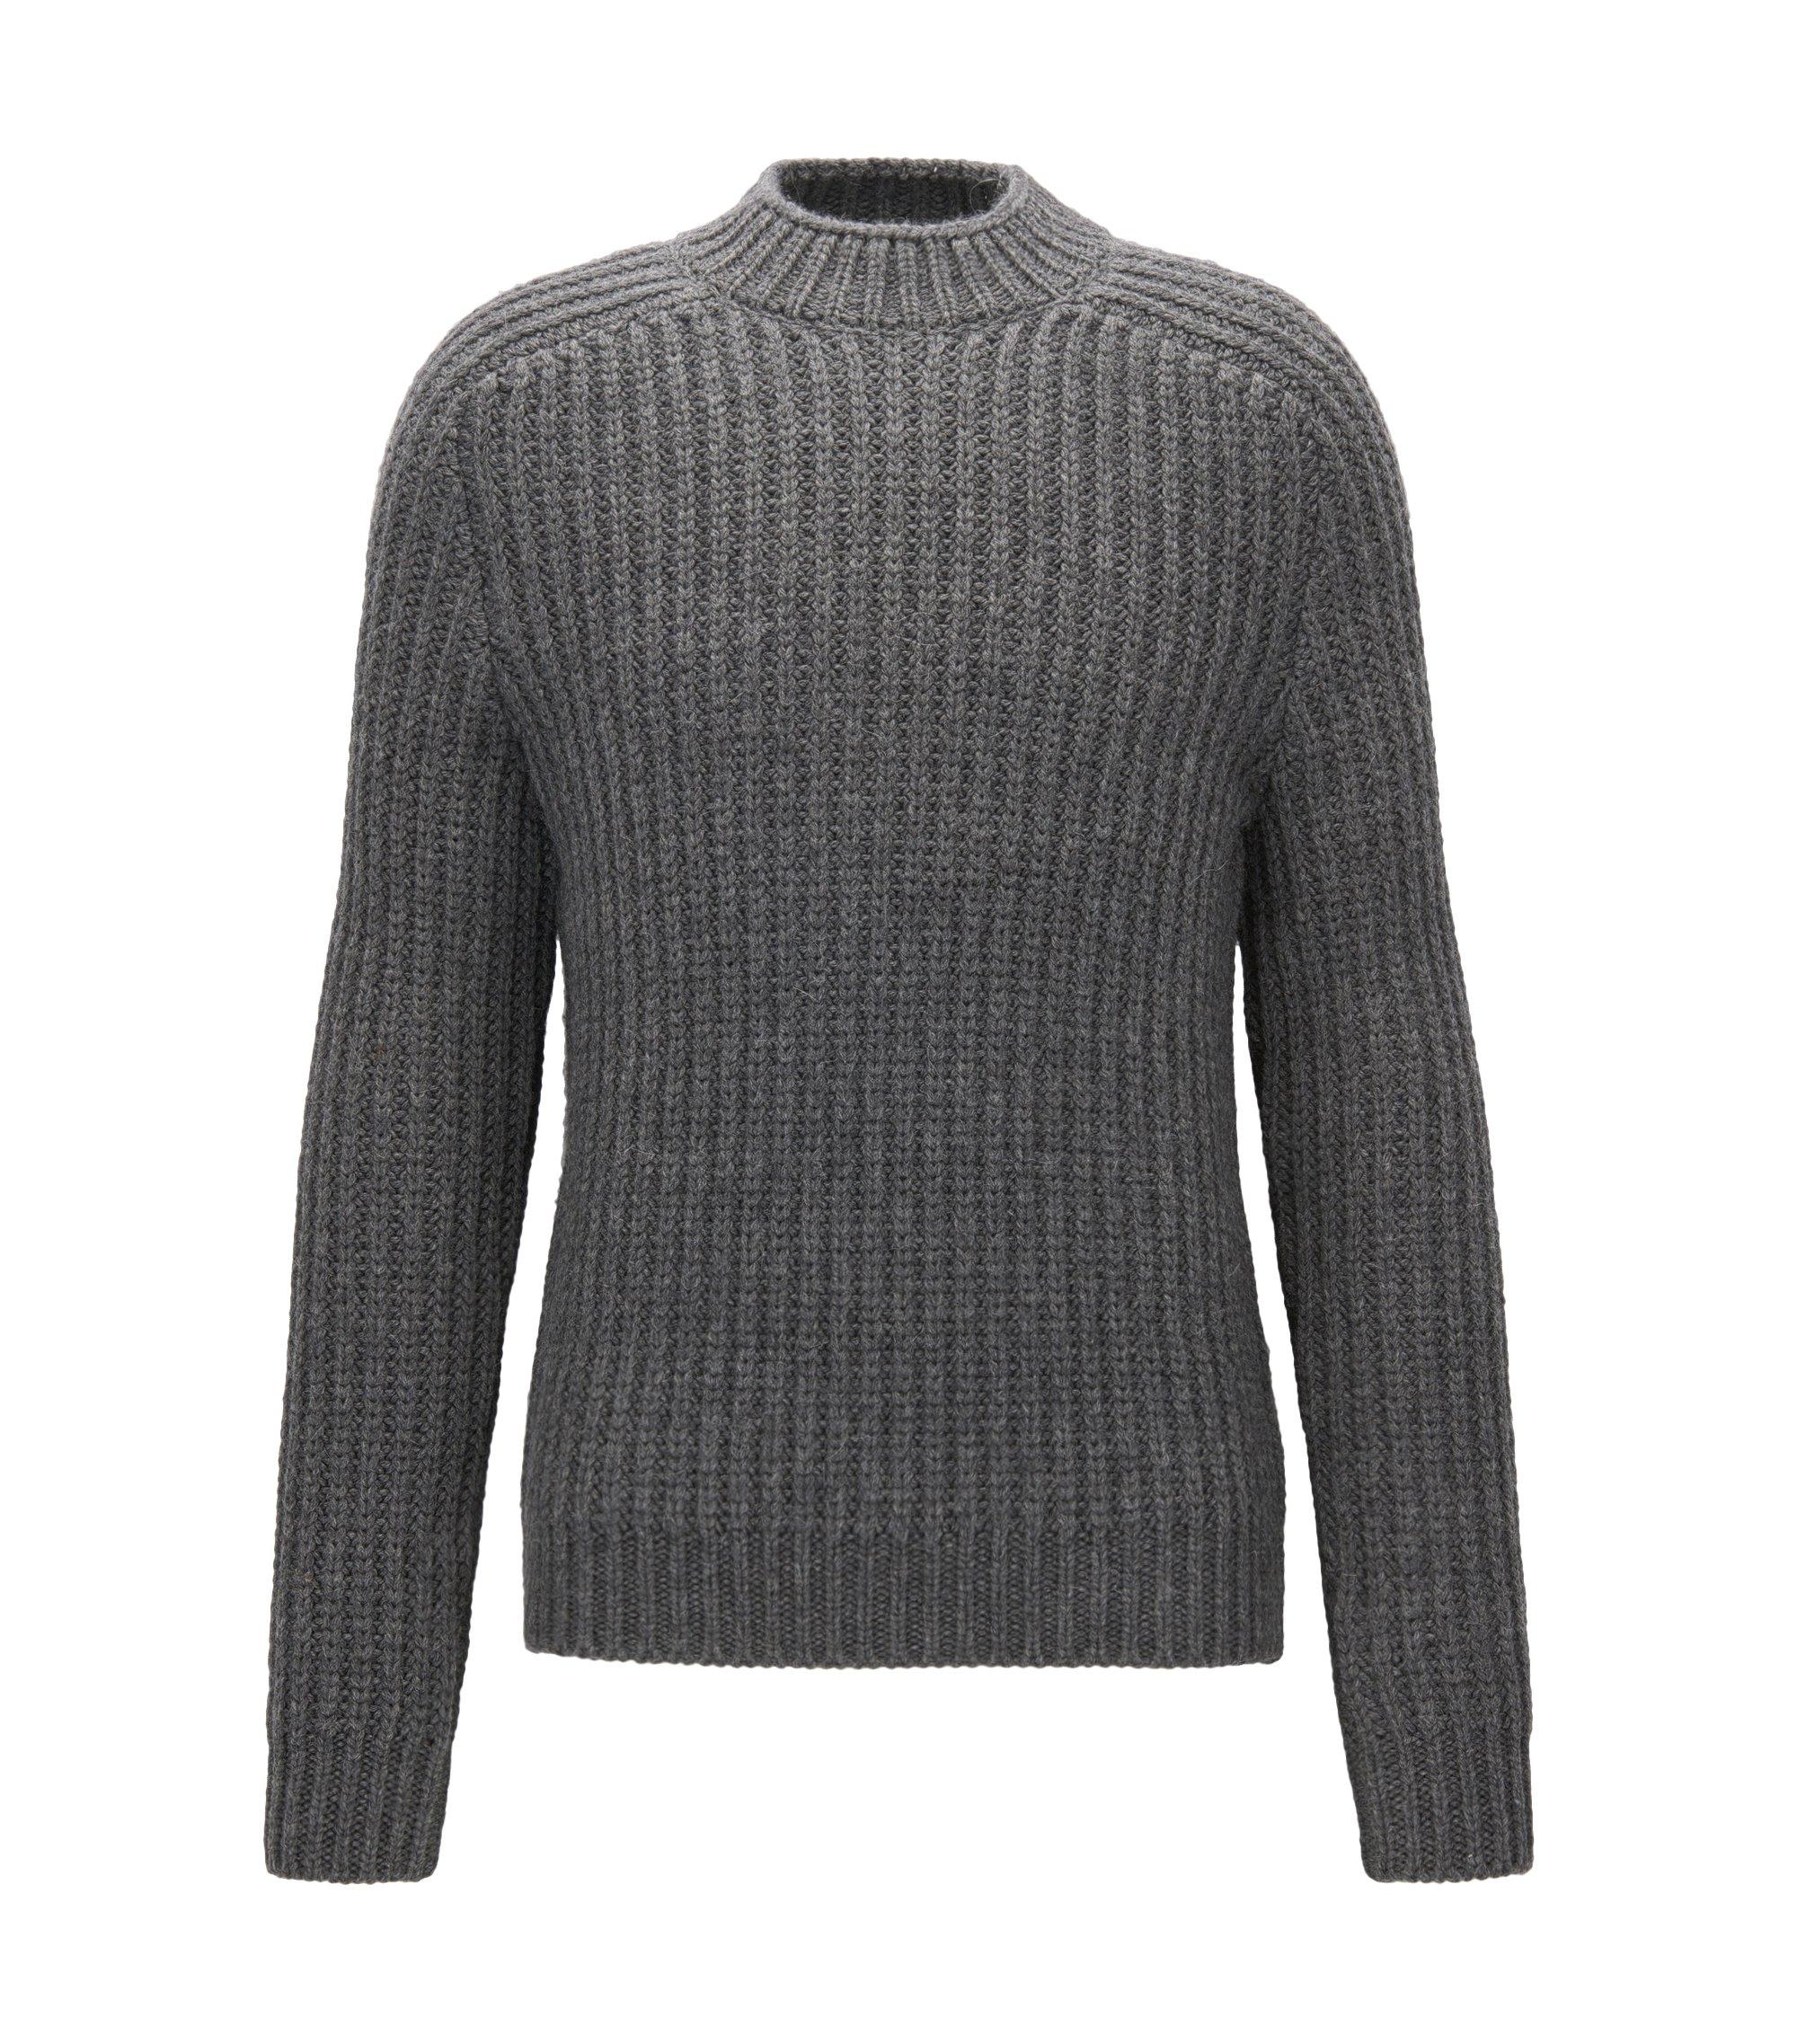 Virgin Wool Alpaca Ribbed Sweater | Logan AM, Grey